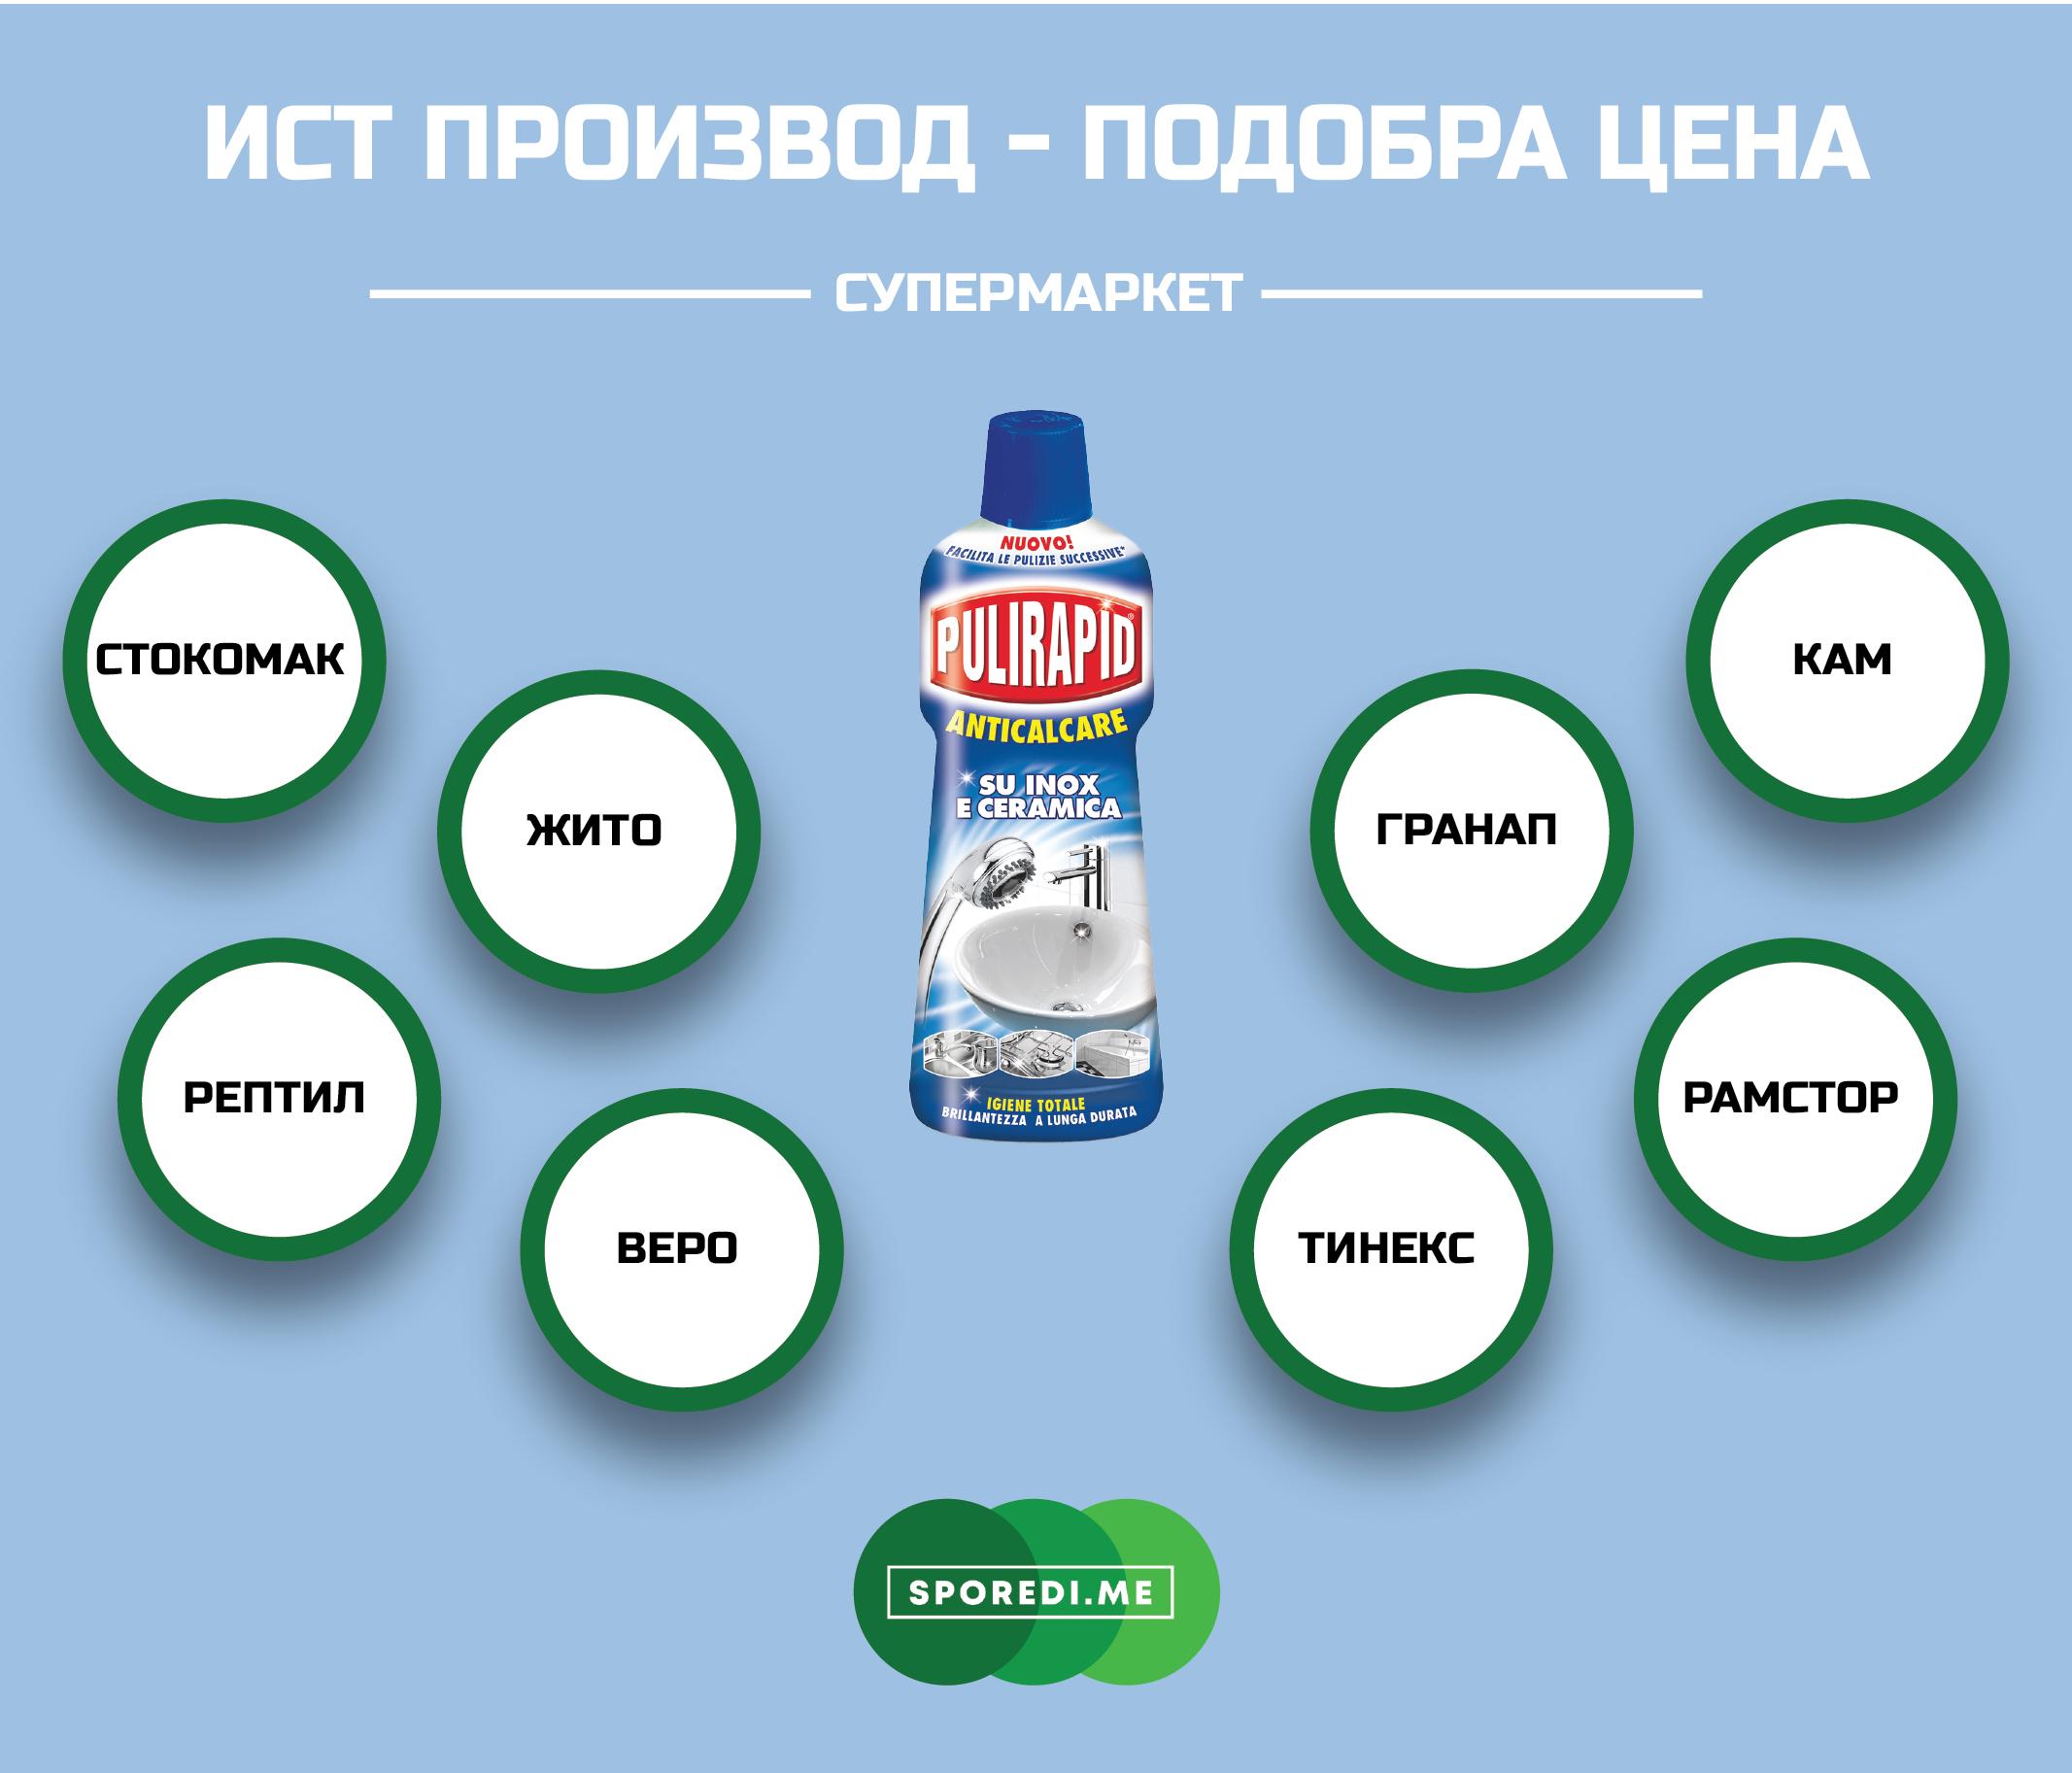 Каде средството за чистење PULIRAPID има најповолна цена?